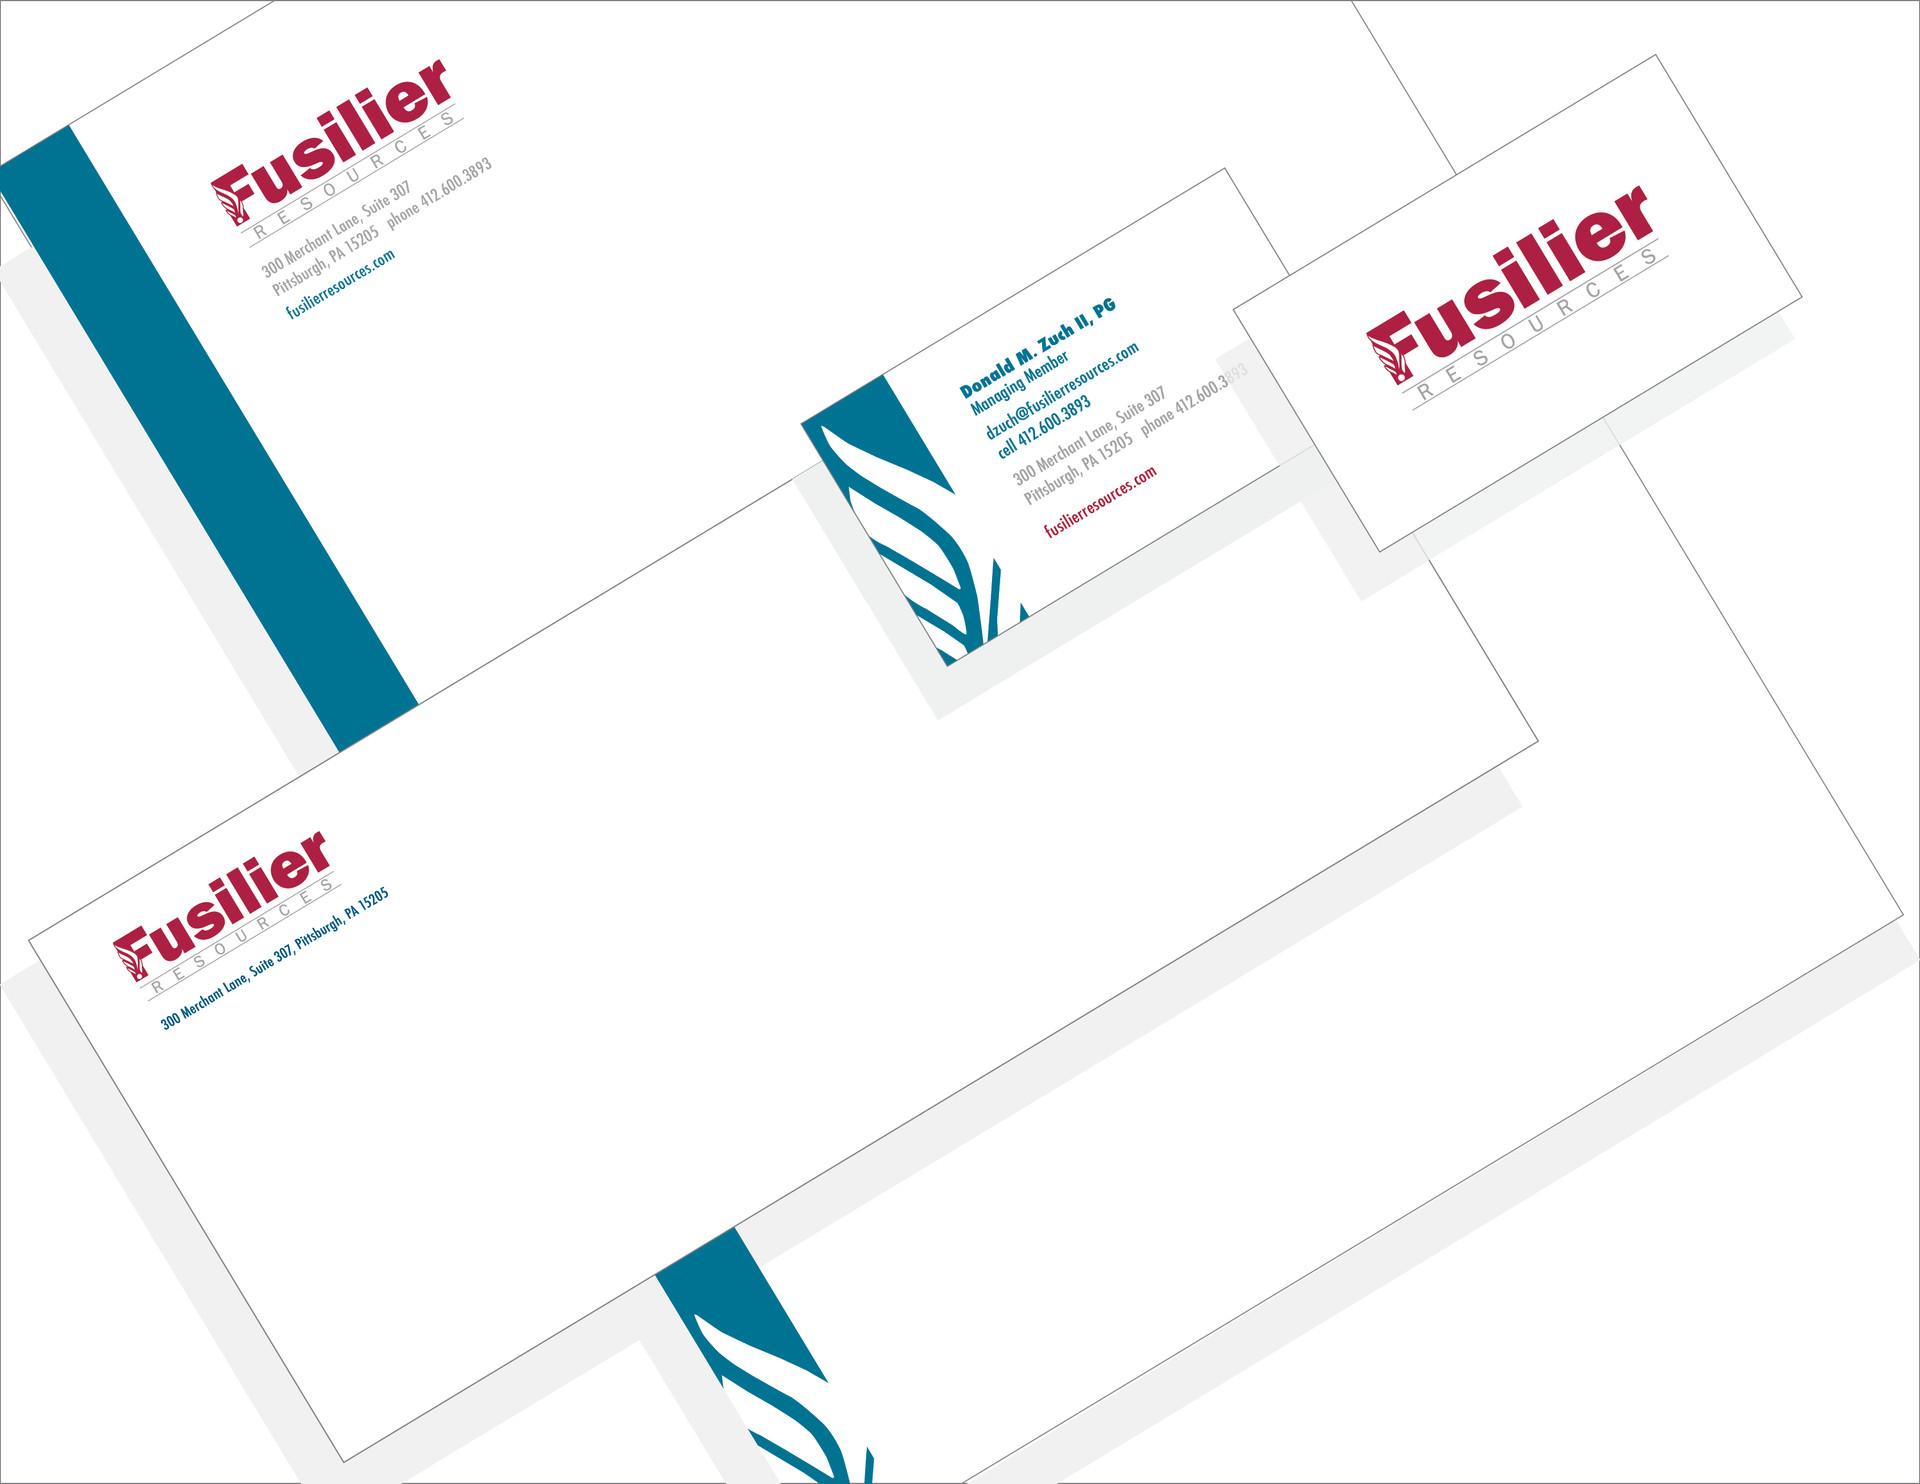 Fusilier design2.jpg